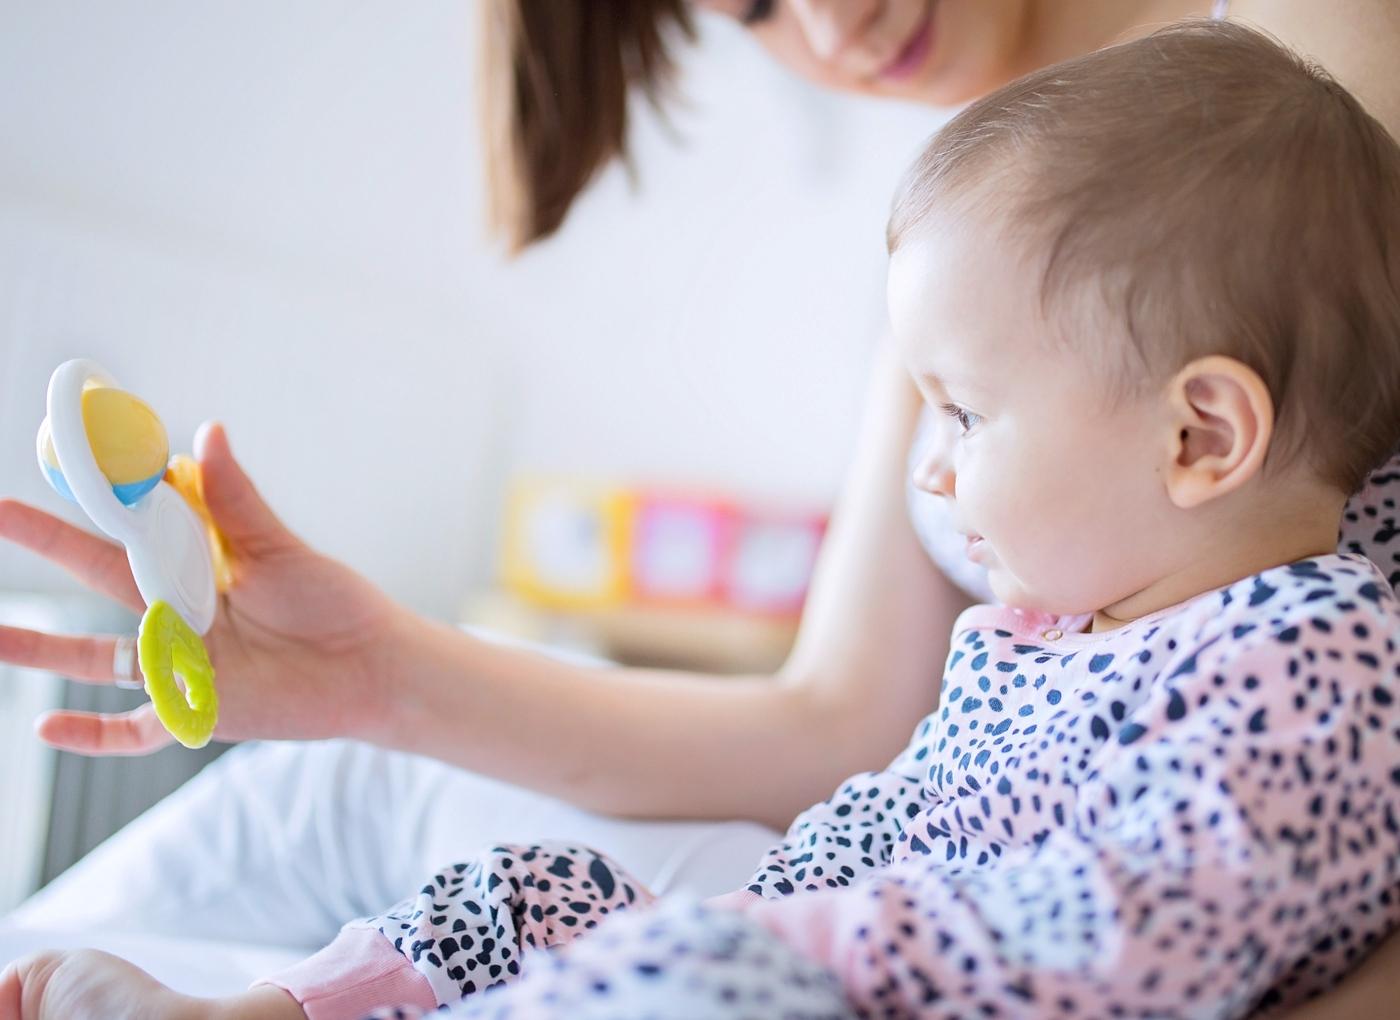 Brincadeiras do bebé aos 7 meses de idade